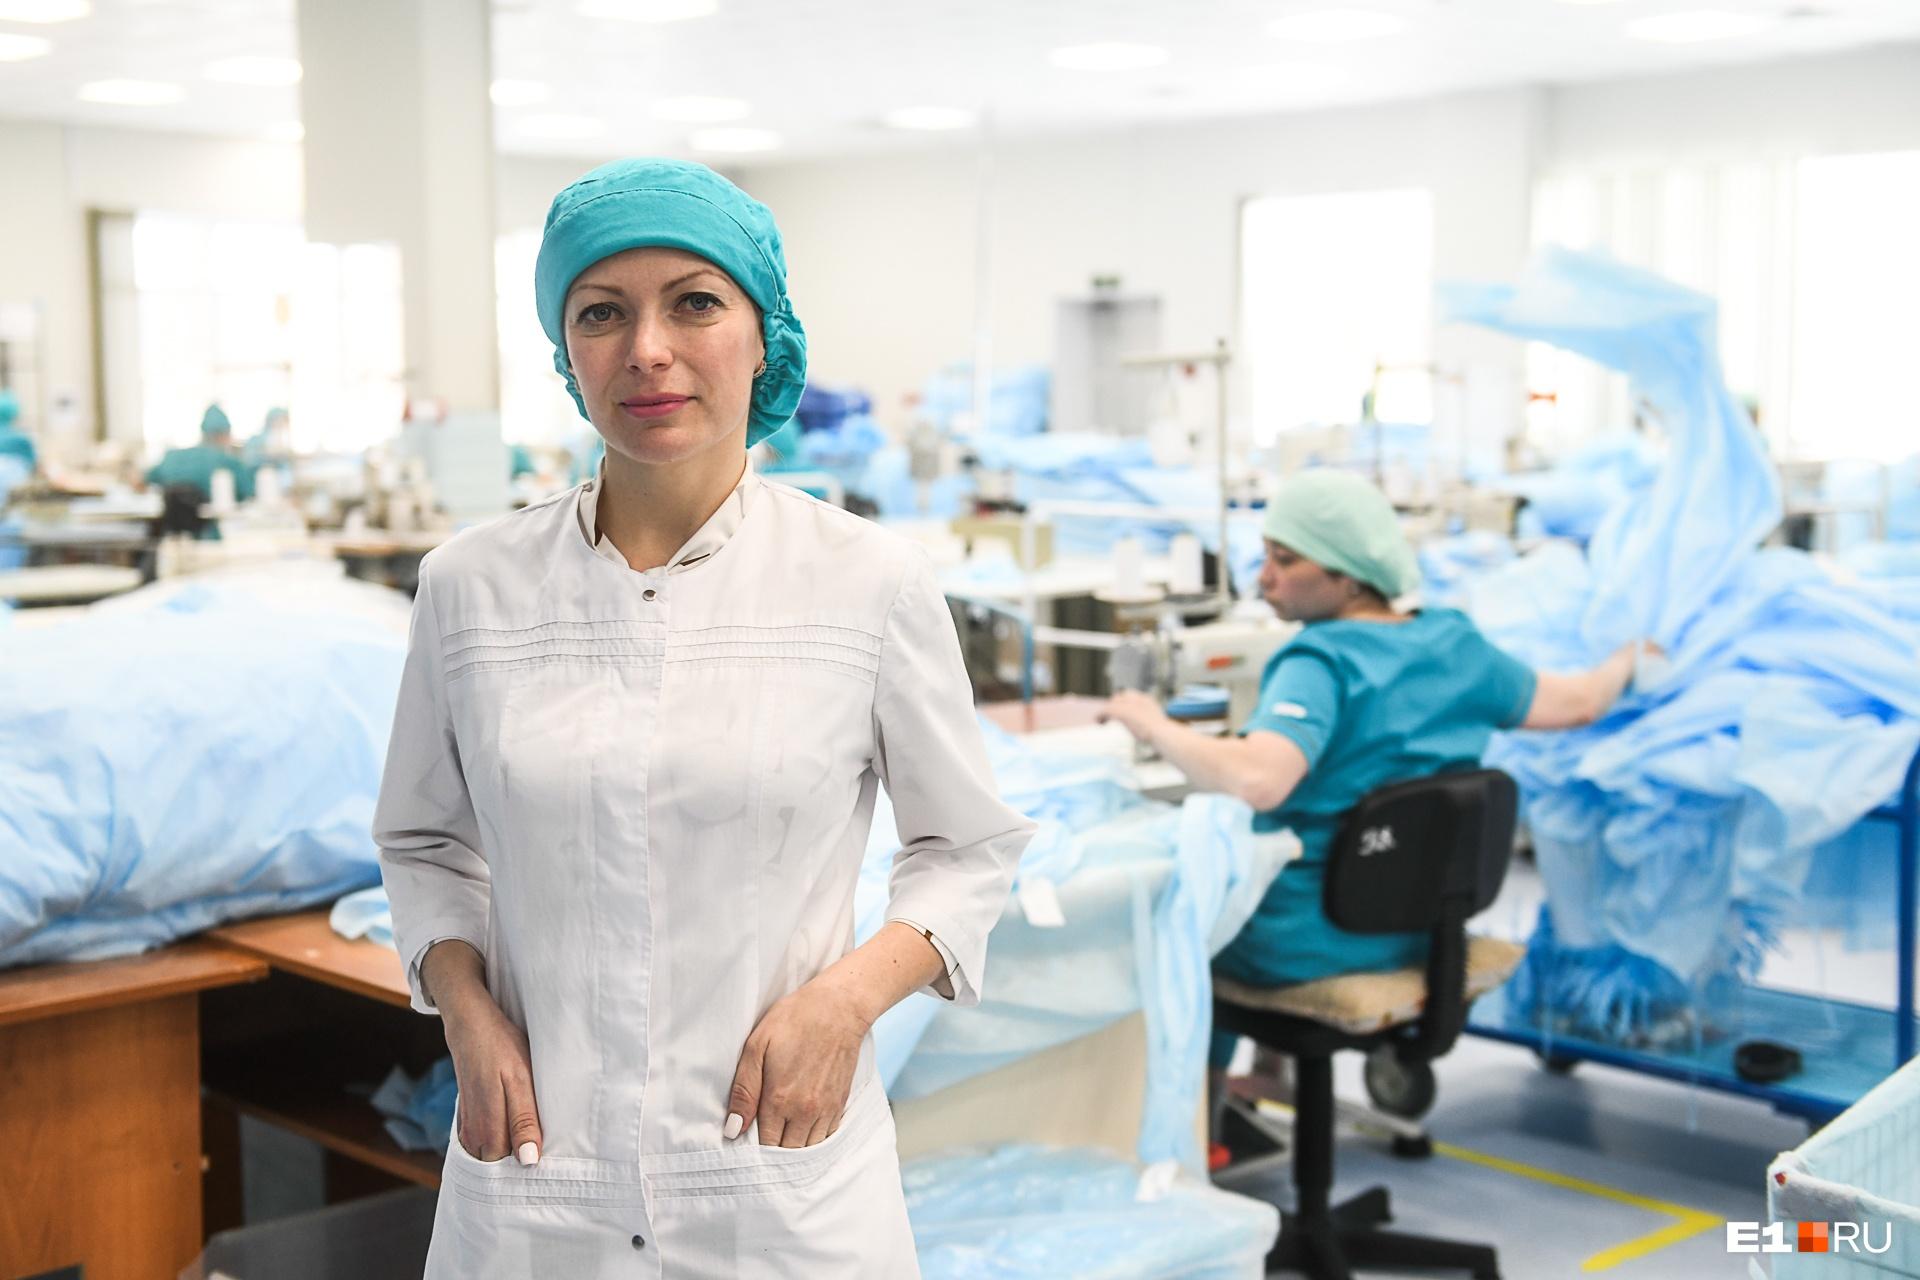 Ирина Кочнева рассказывает, что есть клиенты, готовые покупать по два-три миллиона масок